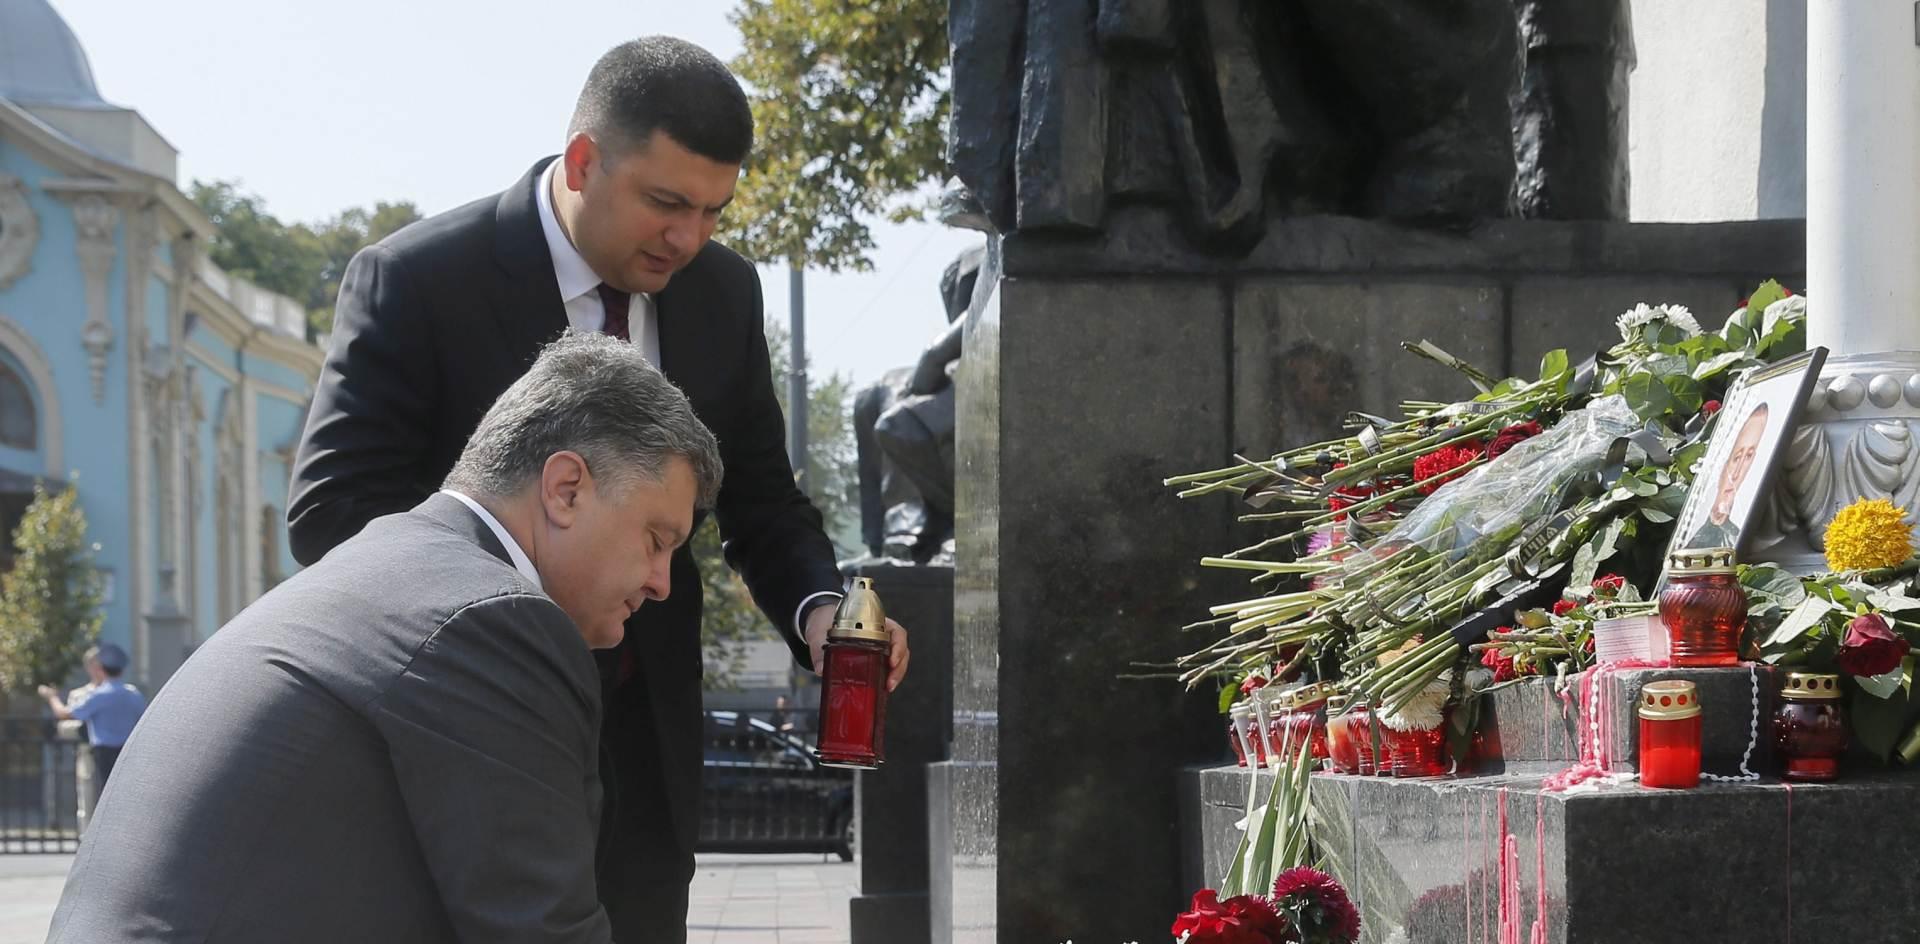 UKRAJINSKA KRIZA: Primjerje se poštuje, u prosvjedima poginulo troje ljudi